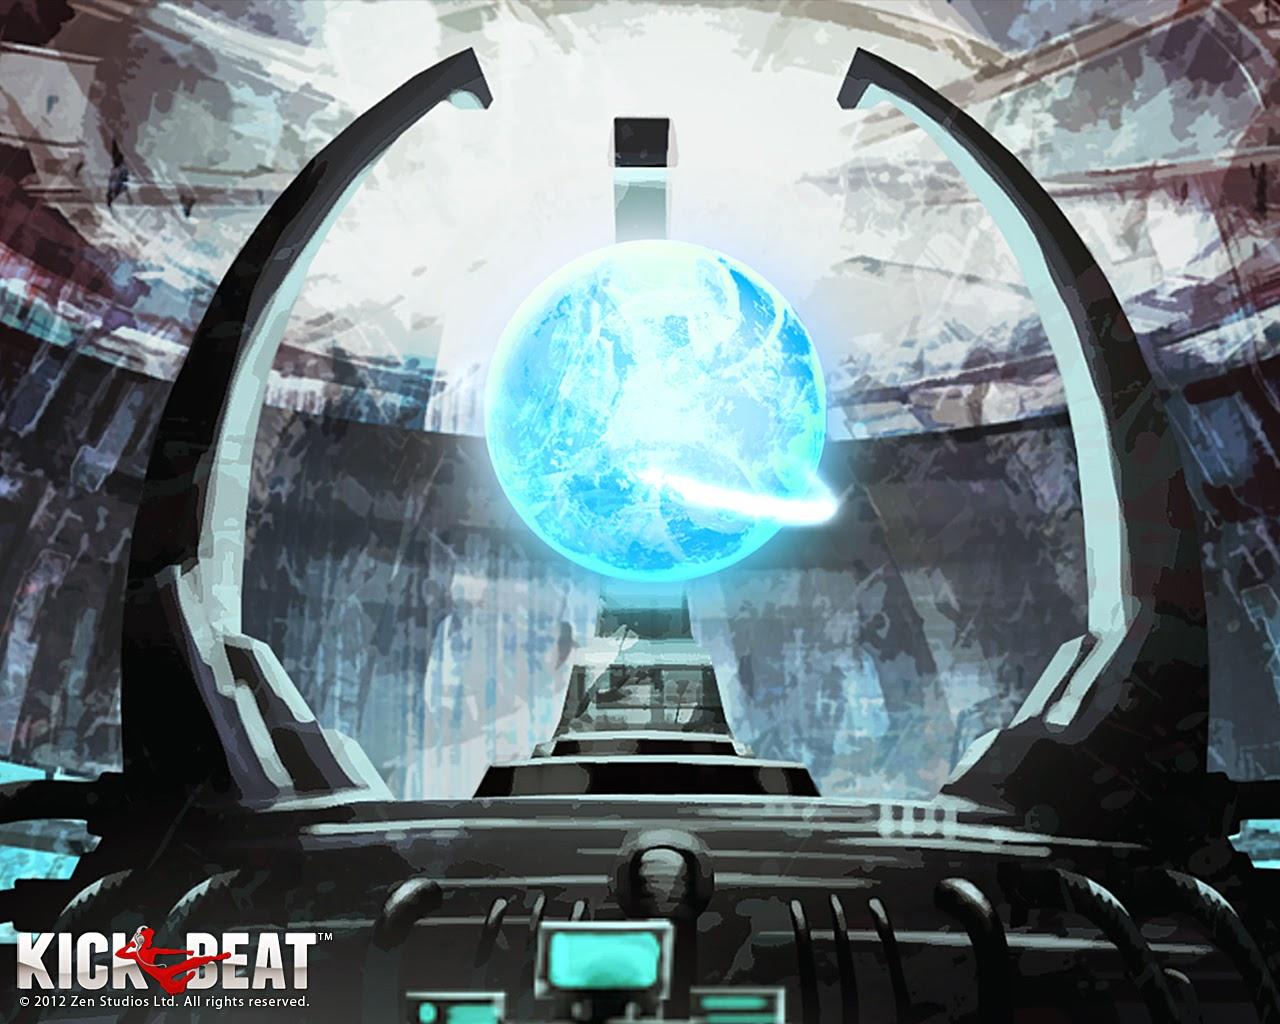 Loạt hình nền tuyệt đẹp của game âm nhạc KickBeat - Ảnh 18